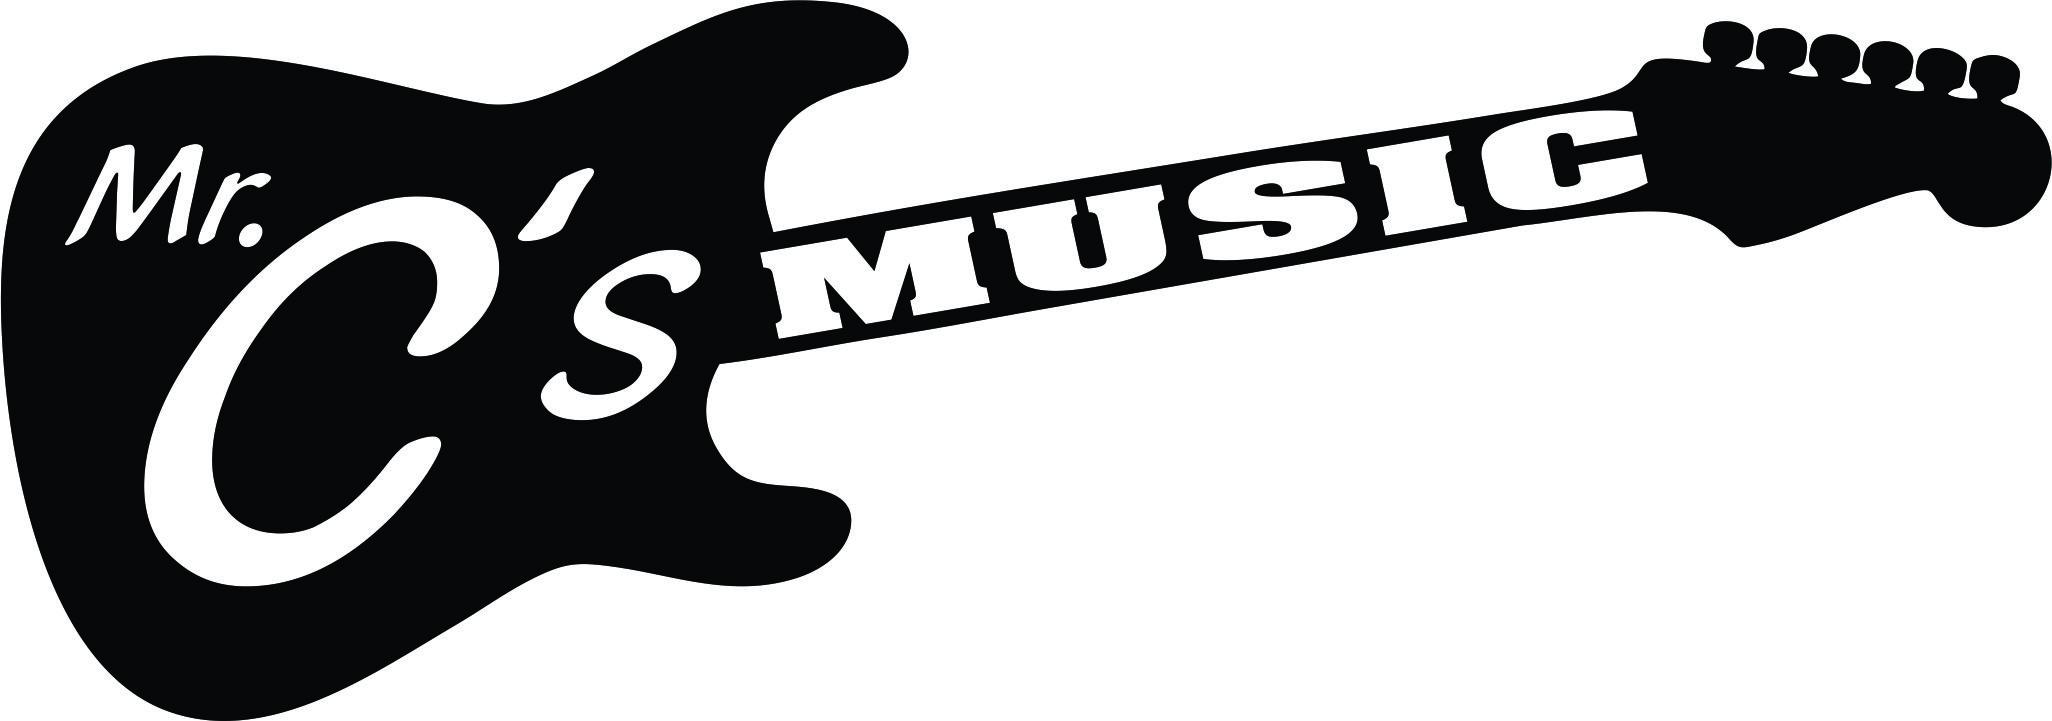 Mr. C's Music